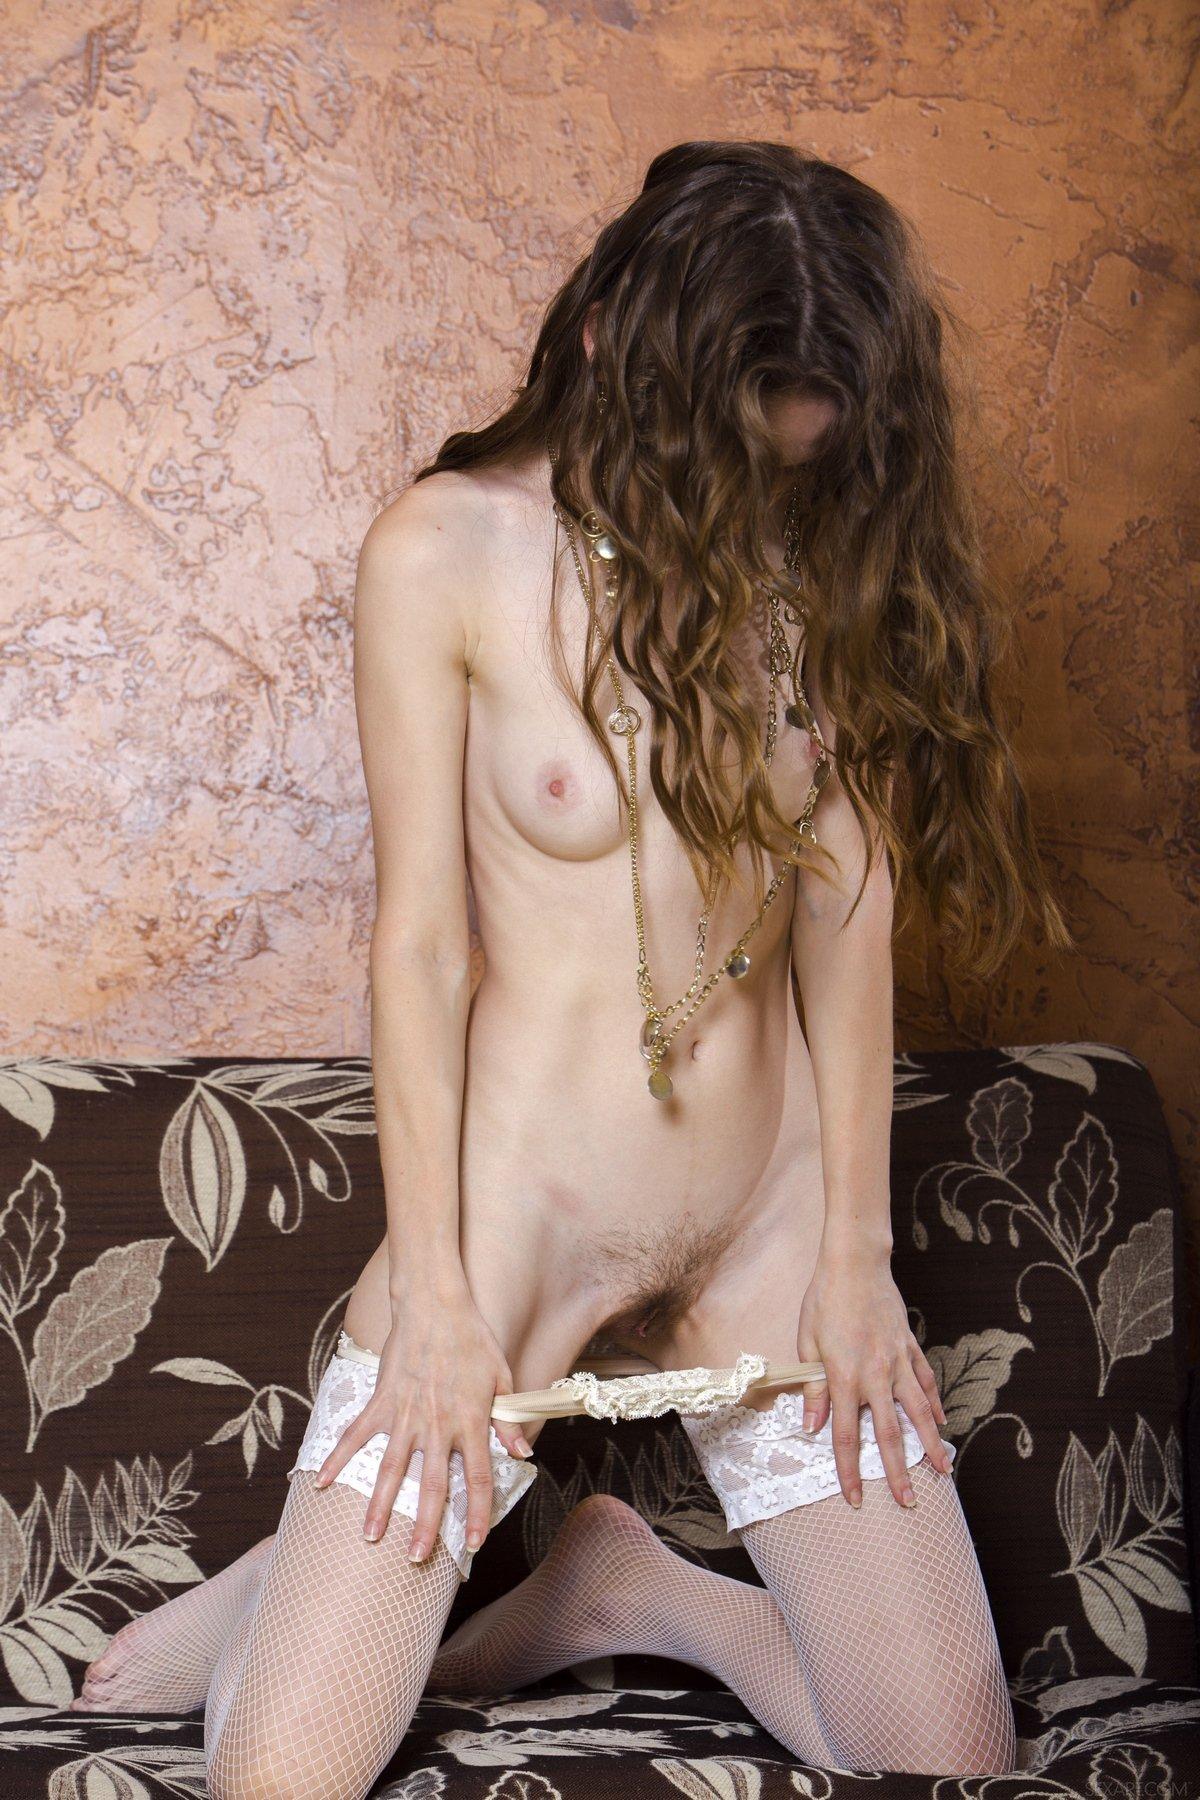 Девушка в белых чулках показала волосатую киску